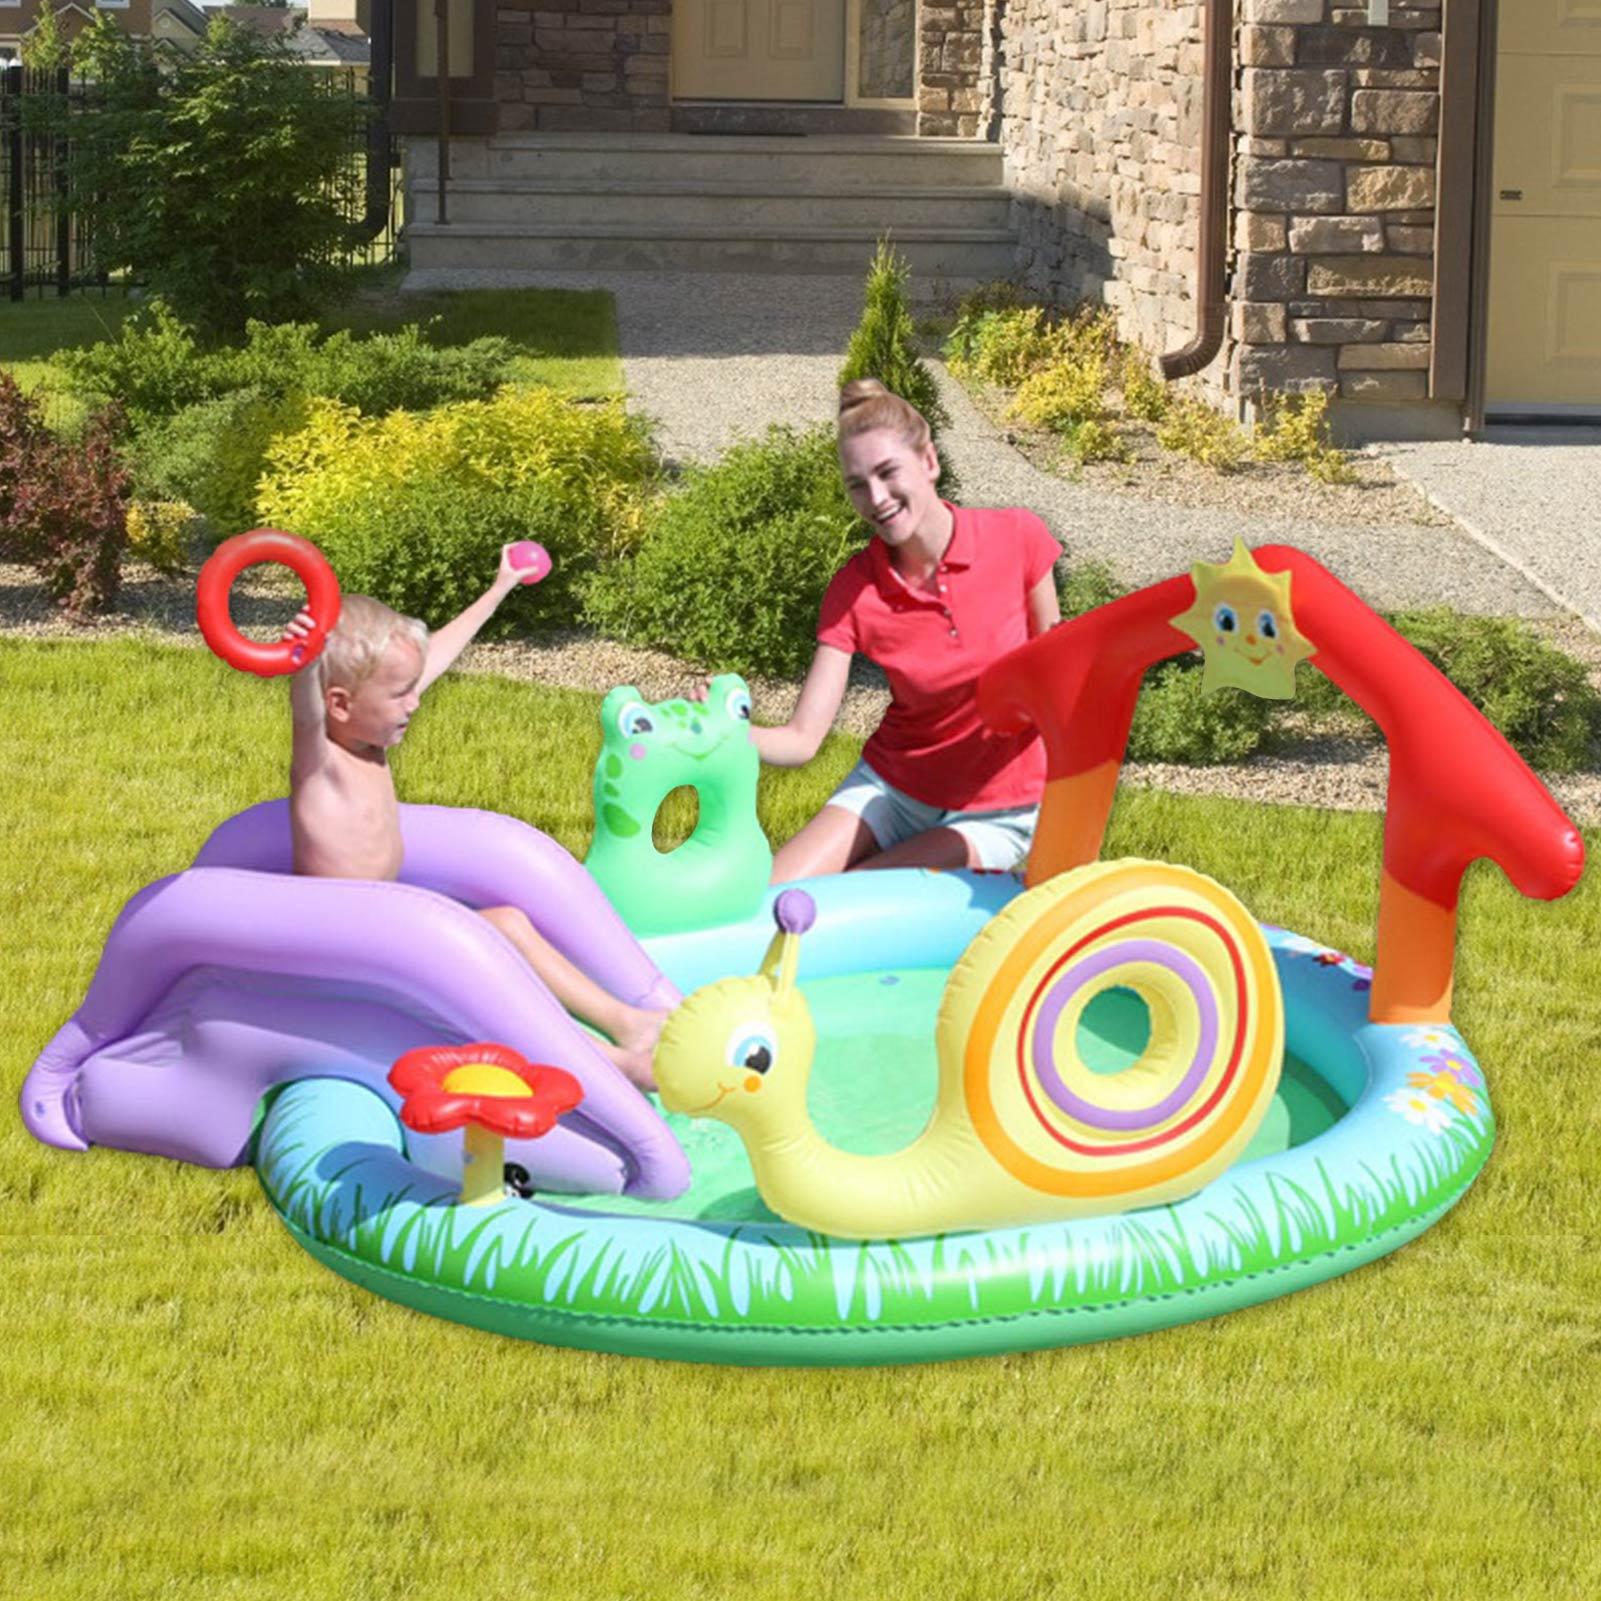 حمام سباحة قابل للنفخ لعبة مركز كرة أوشن بركة الرضع التجديف بركة الأطفال حمام سباحة سميكة الصيد الرمال بركة